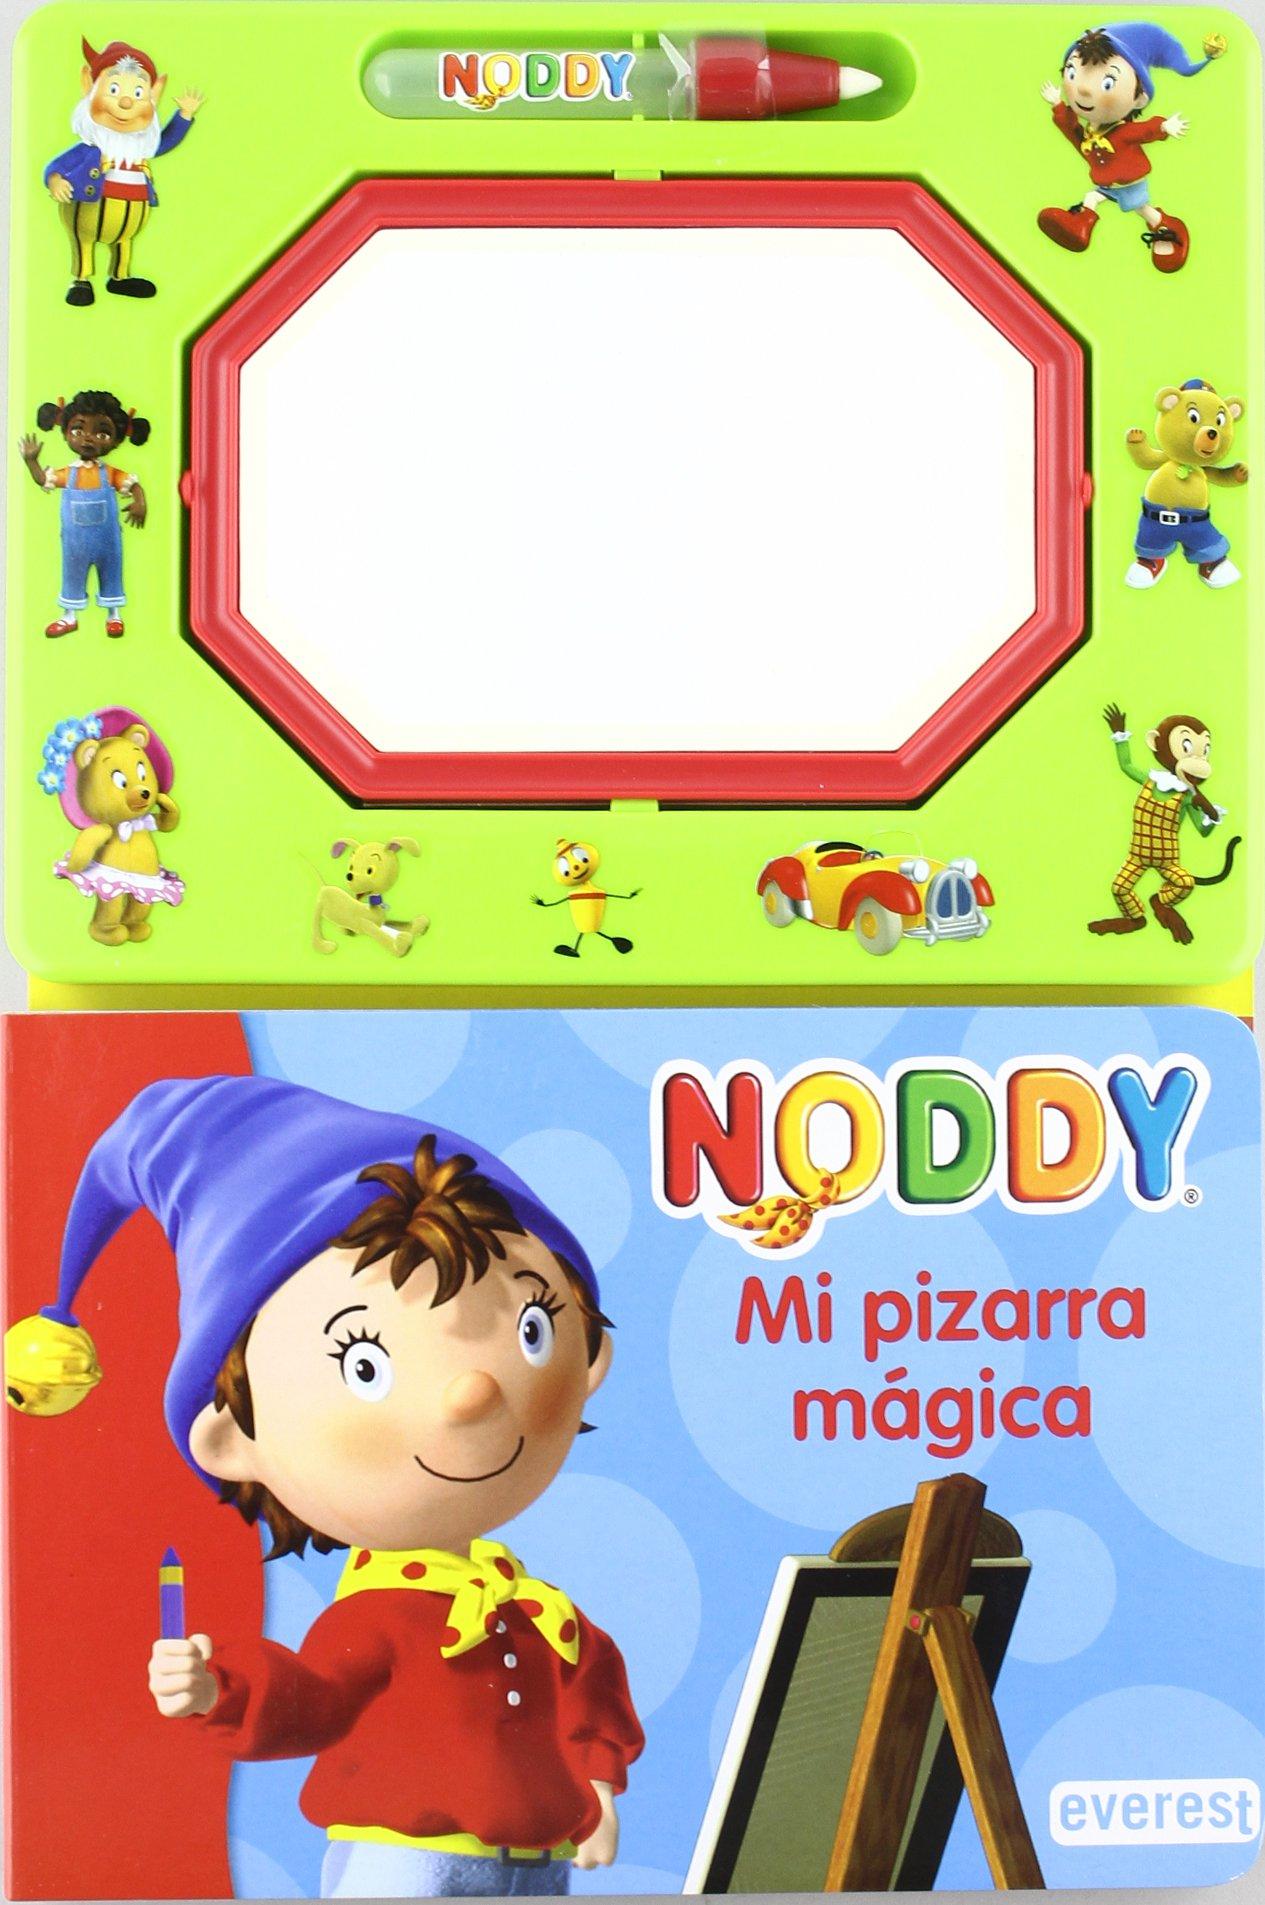 Noddy: mi pizarra mágica: A Chorion Company: 9788444166858 ...